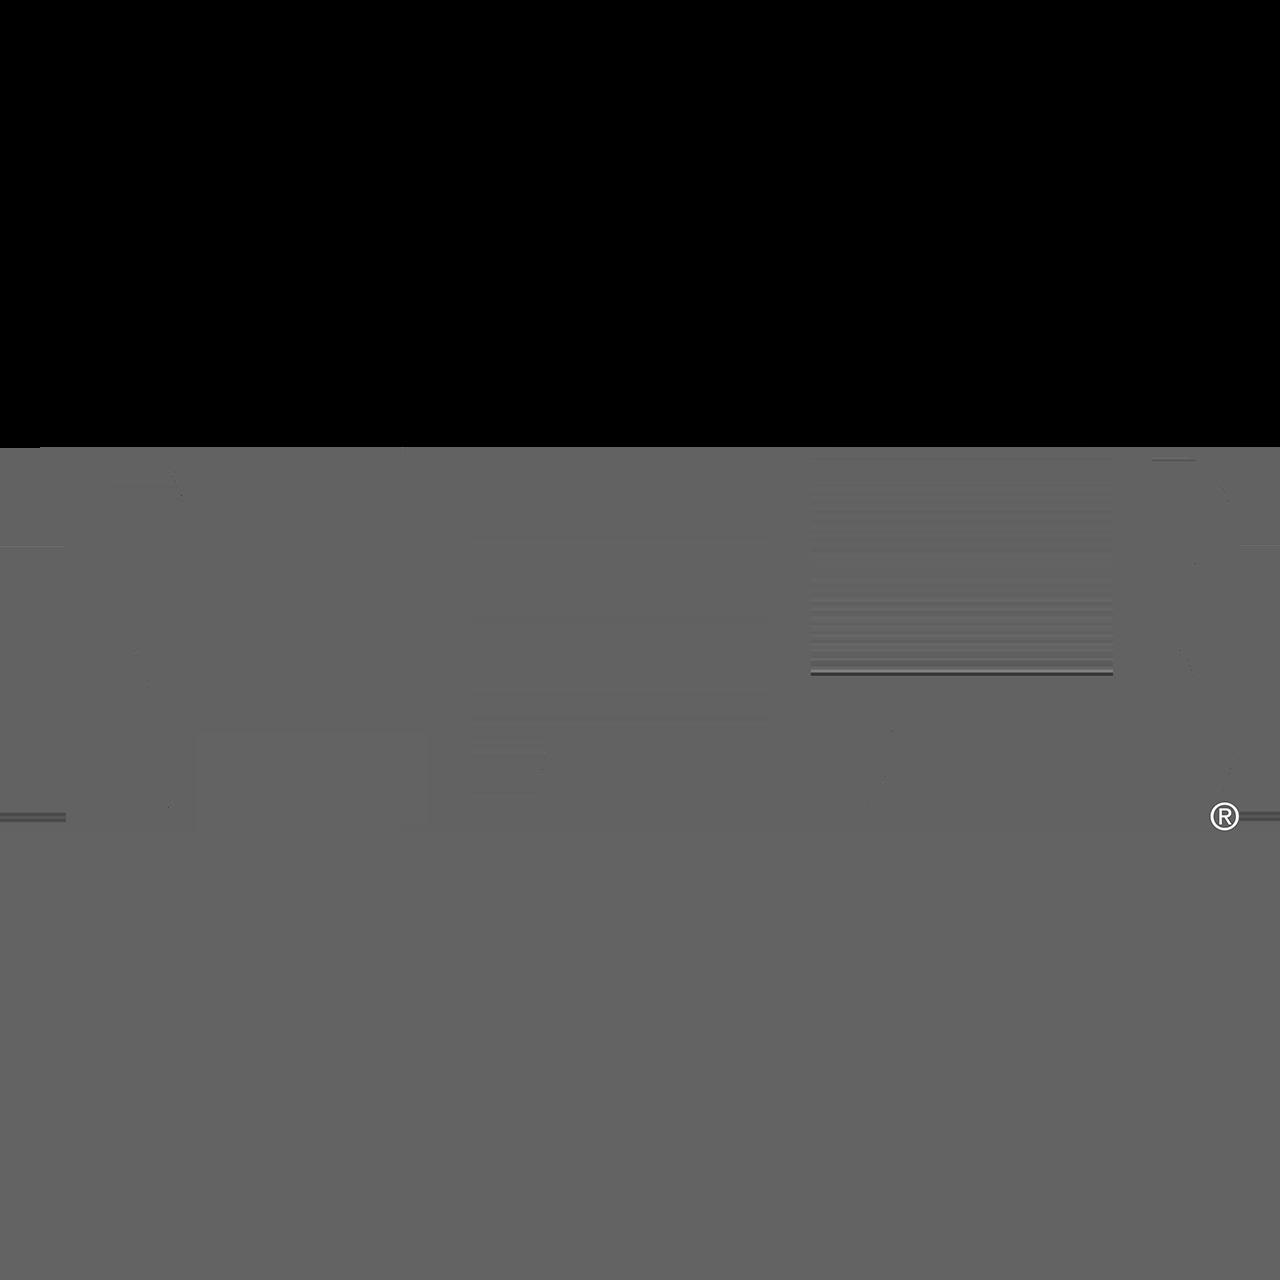 Logo Elle, black & white